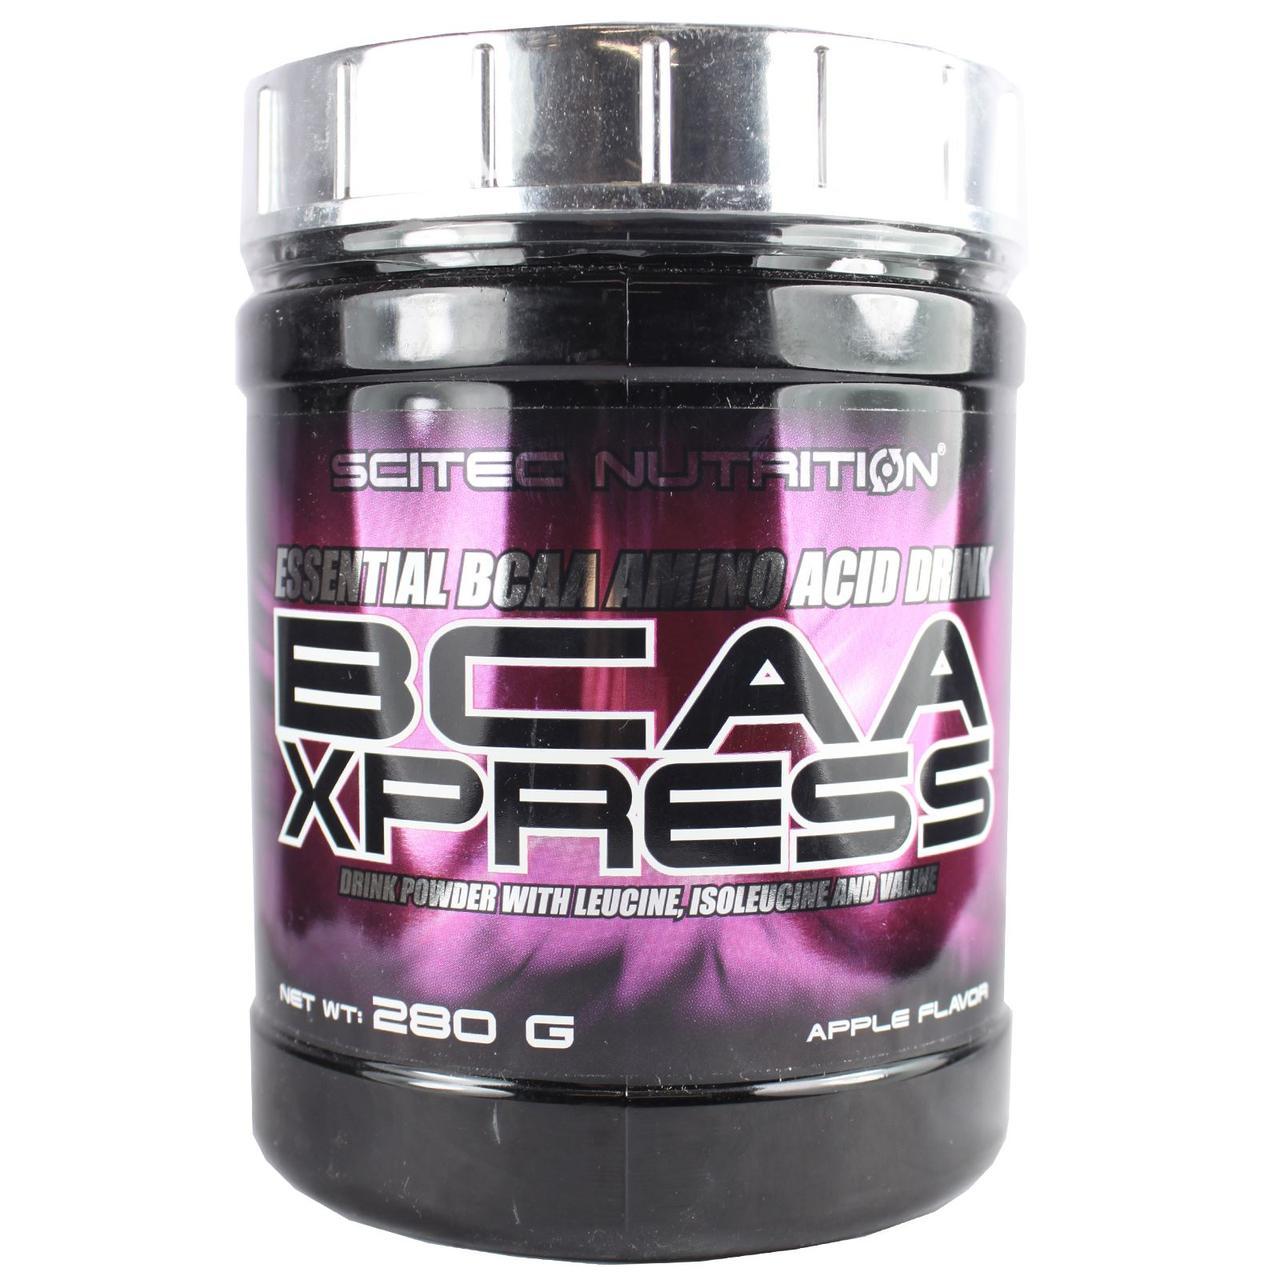 BCAA Scitec Nutrition BCAA Xpress 280 g